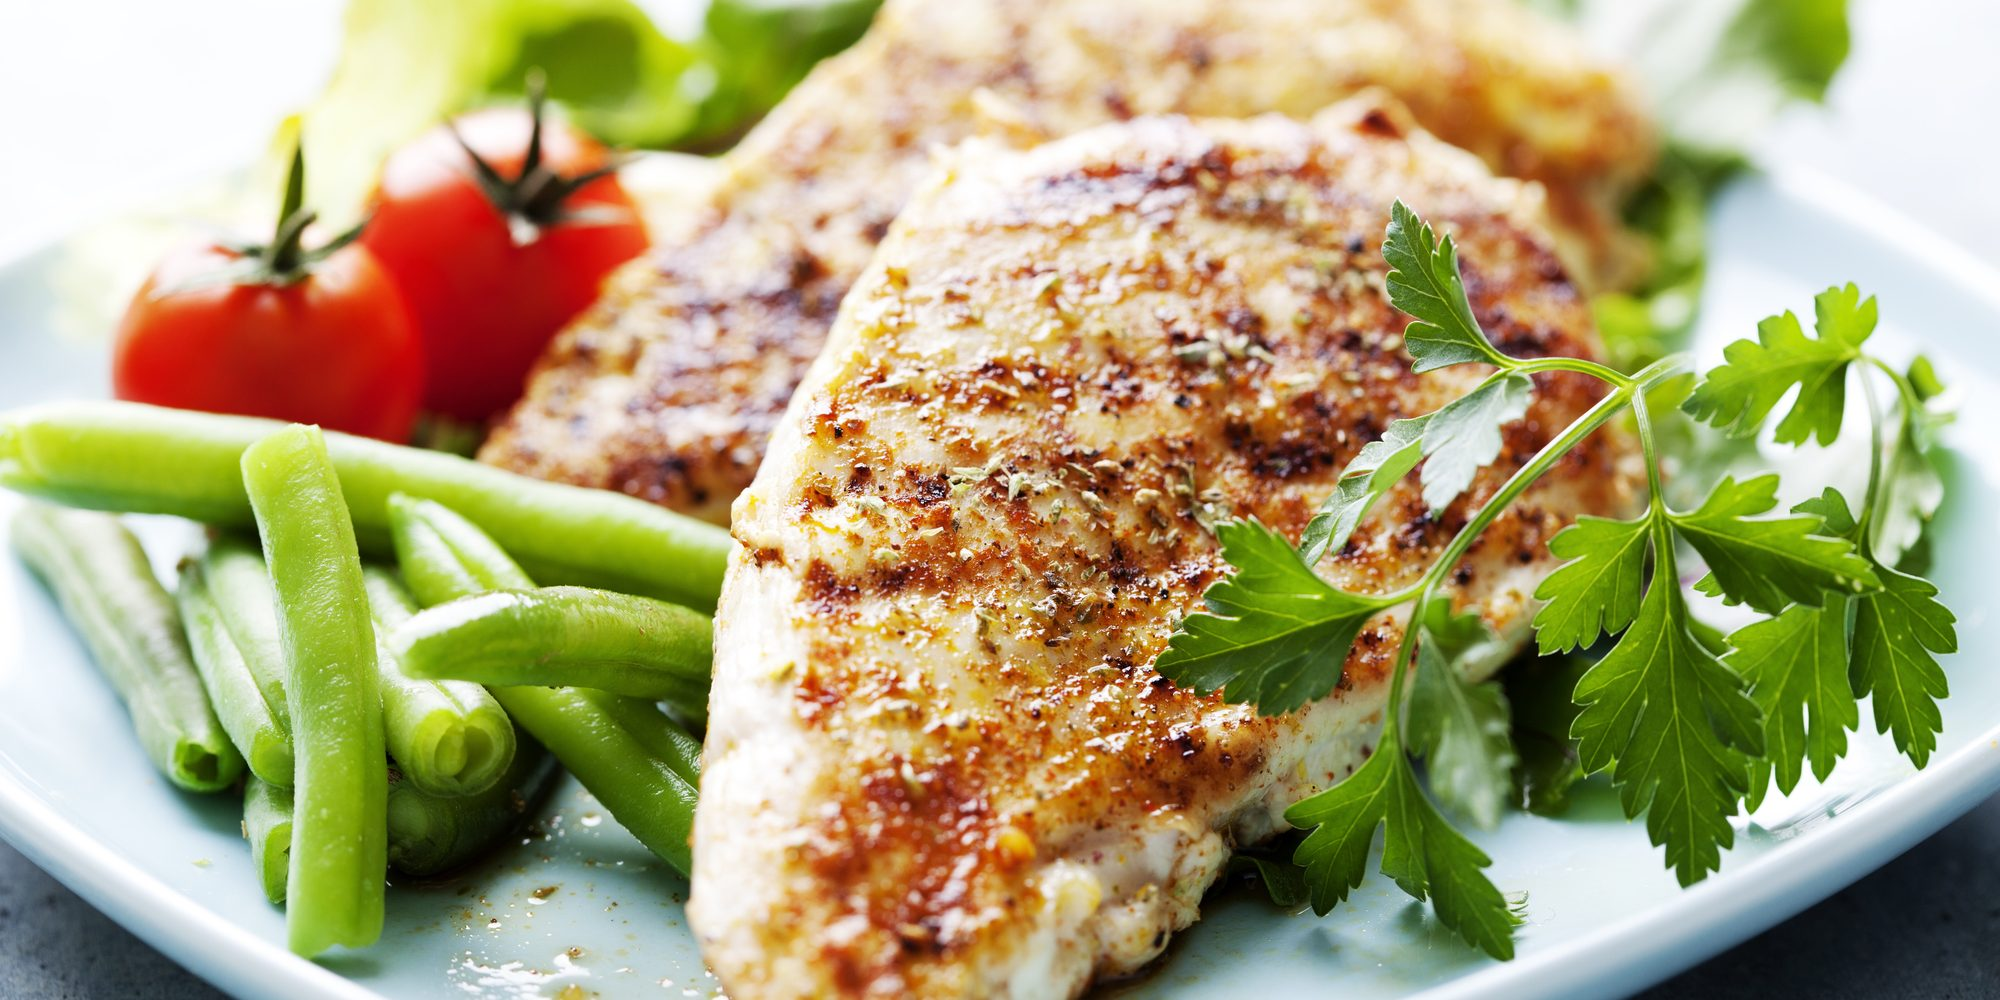 как правильно соблюдать диету цены